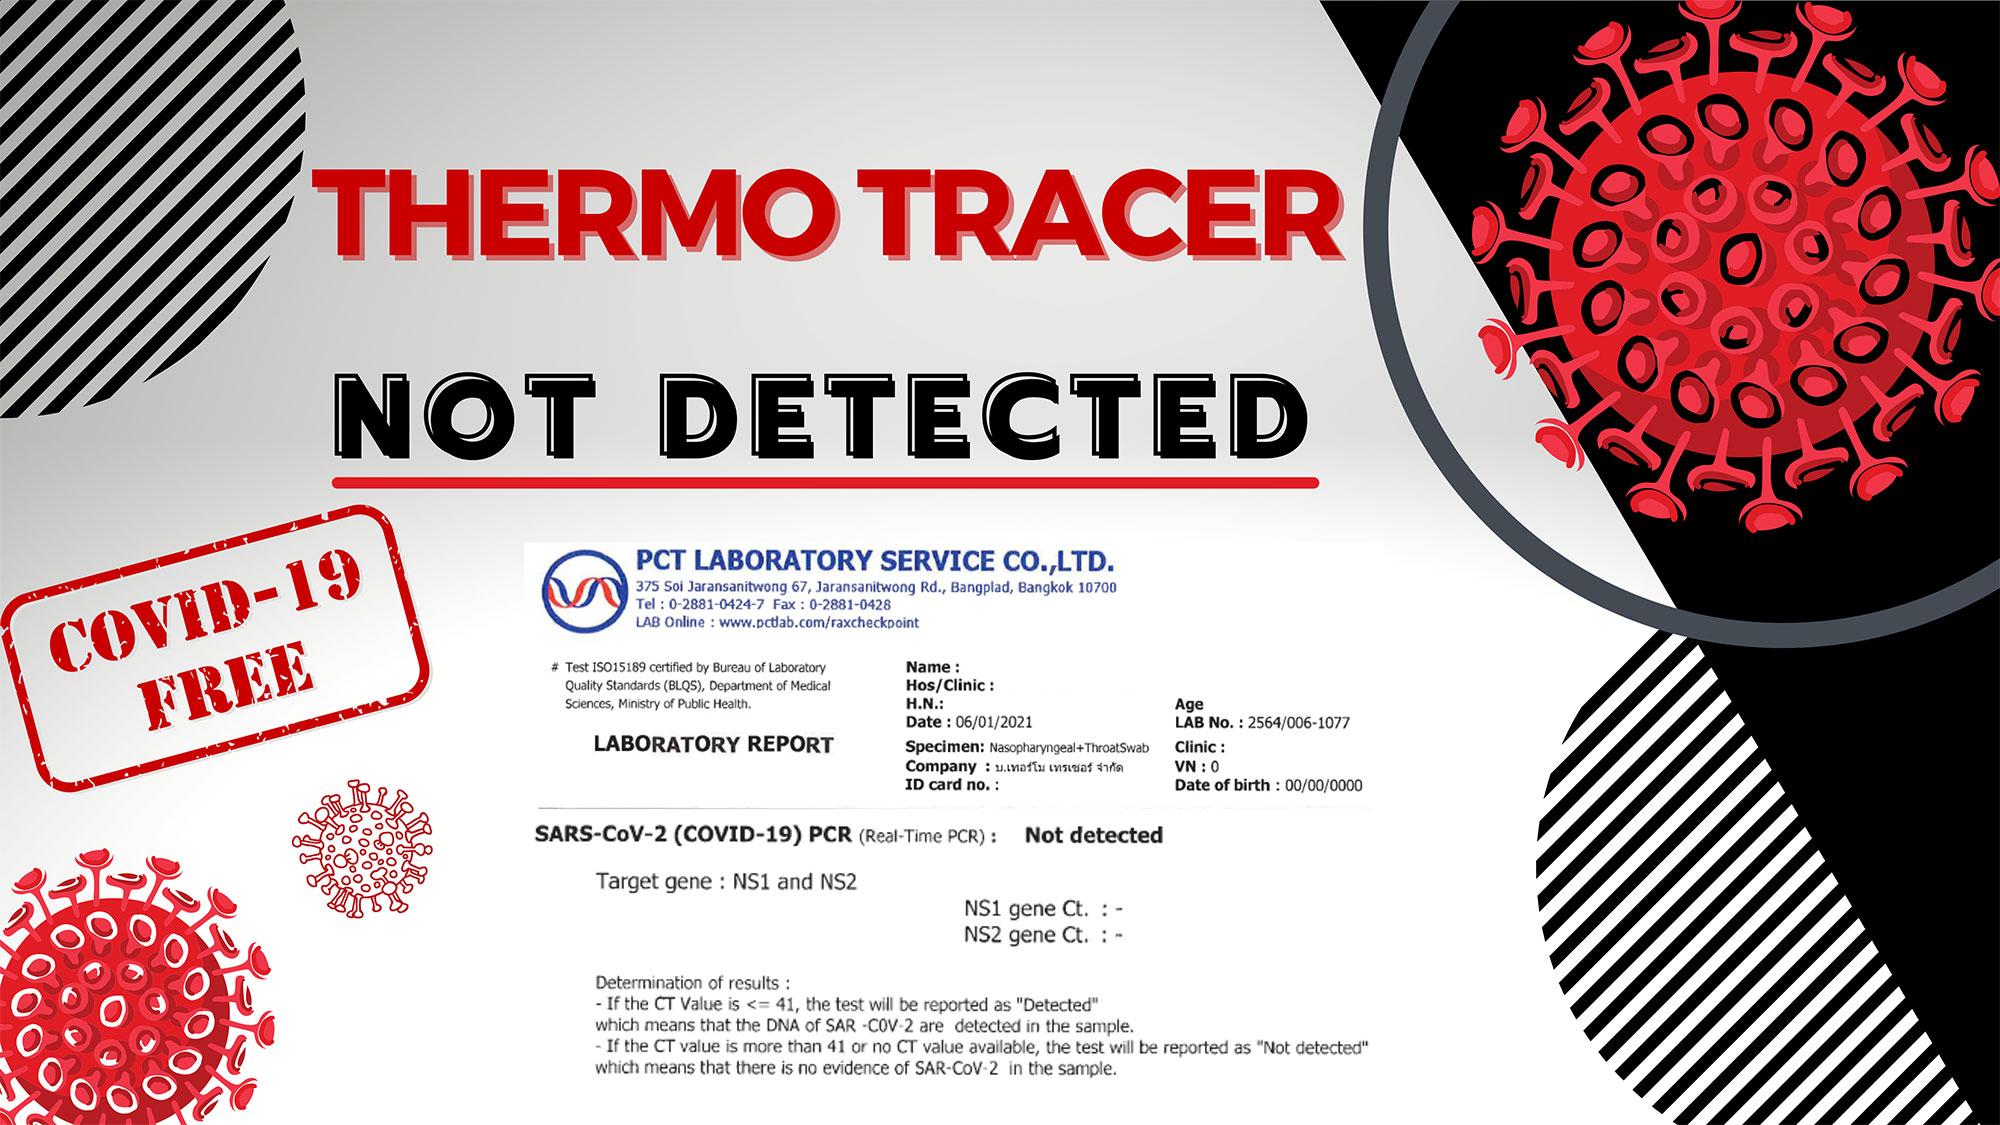 ชี้แจงมาตรการการตรวจคัดกรองเชื้อไวรัสโคโรนา (COVID-19) ของพนักงาน Thermo Tracer